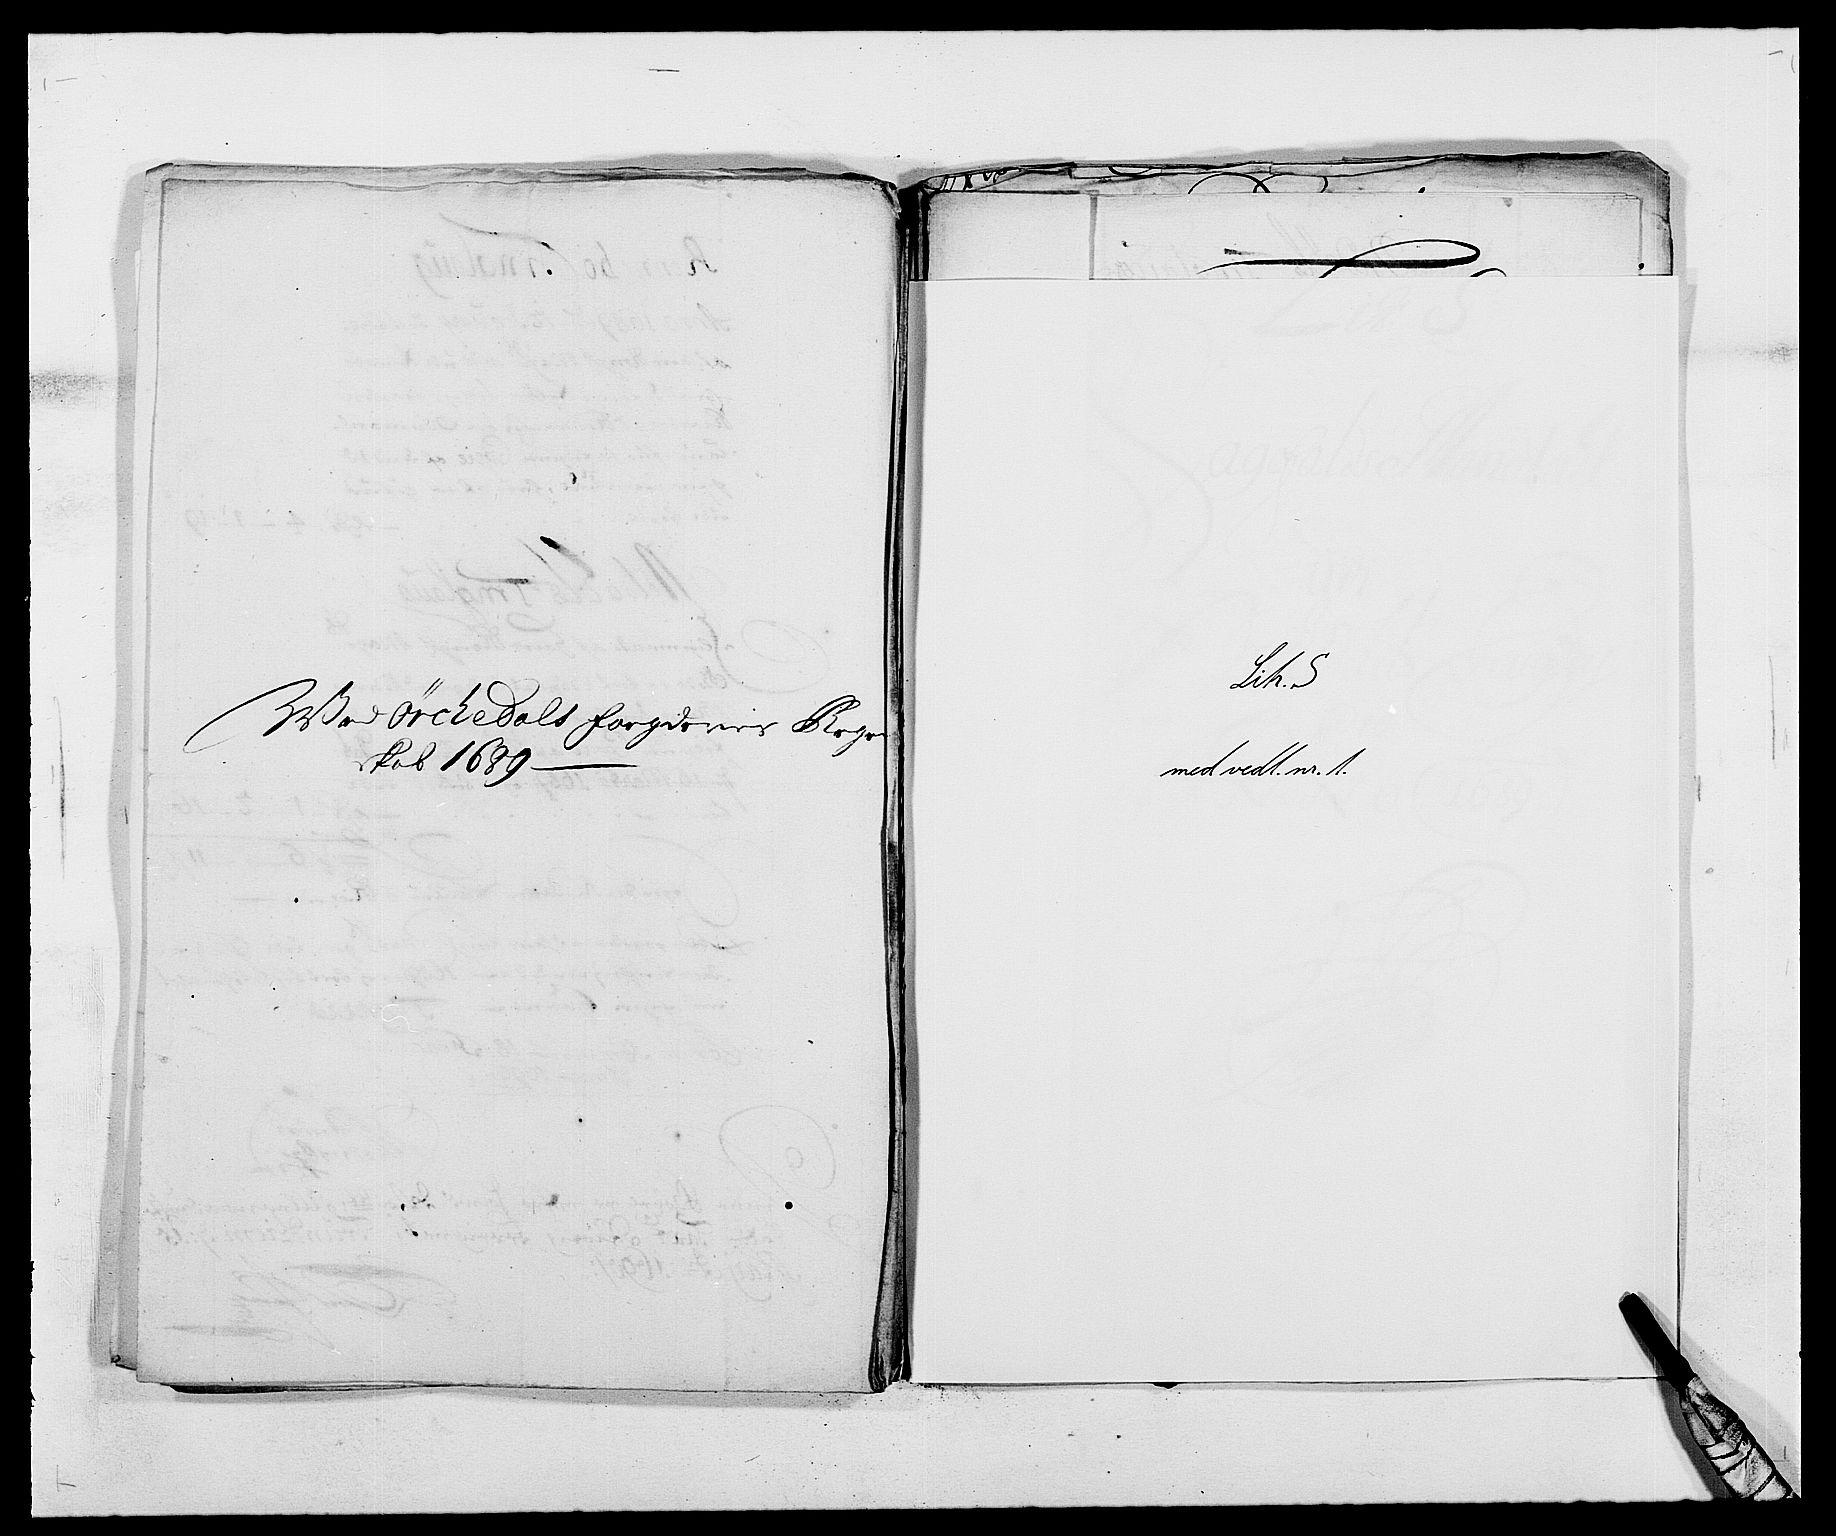 RA, Rentekammeret inntil 1814, Reviderte regnskaper, Fogderegnskap, R58/L3936: Fogderegnskap Orkdal, 1689-1690, s. 171